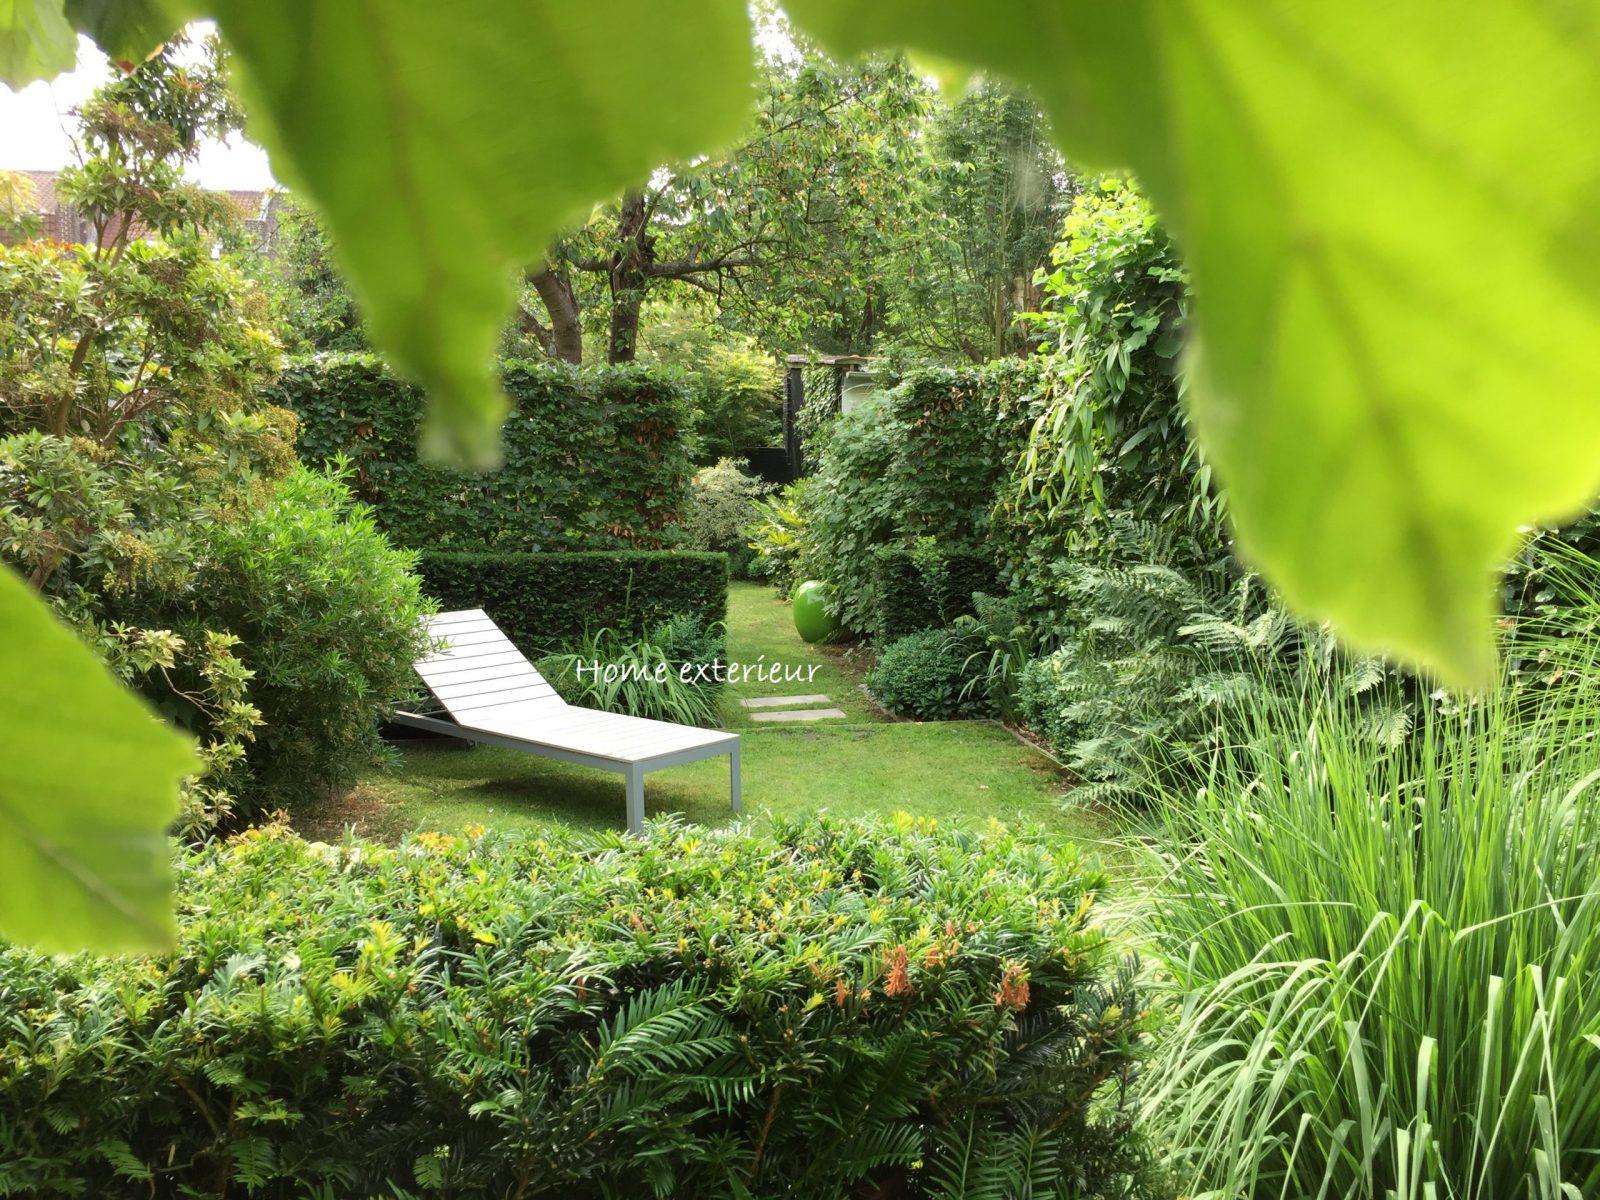 Architecte Paysagiste Terrasses Jardins - Nord - Lille - Le ... avec Idée Allée De Jardin